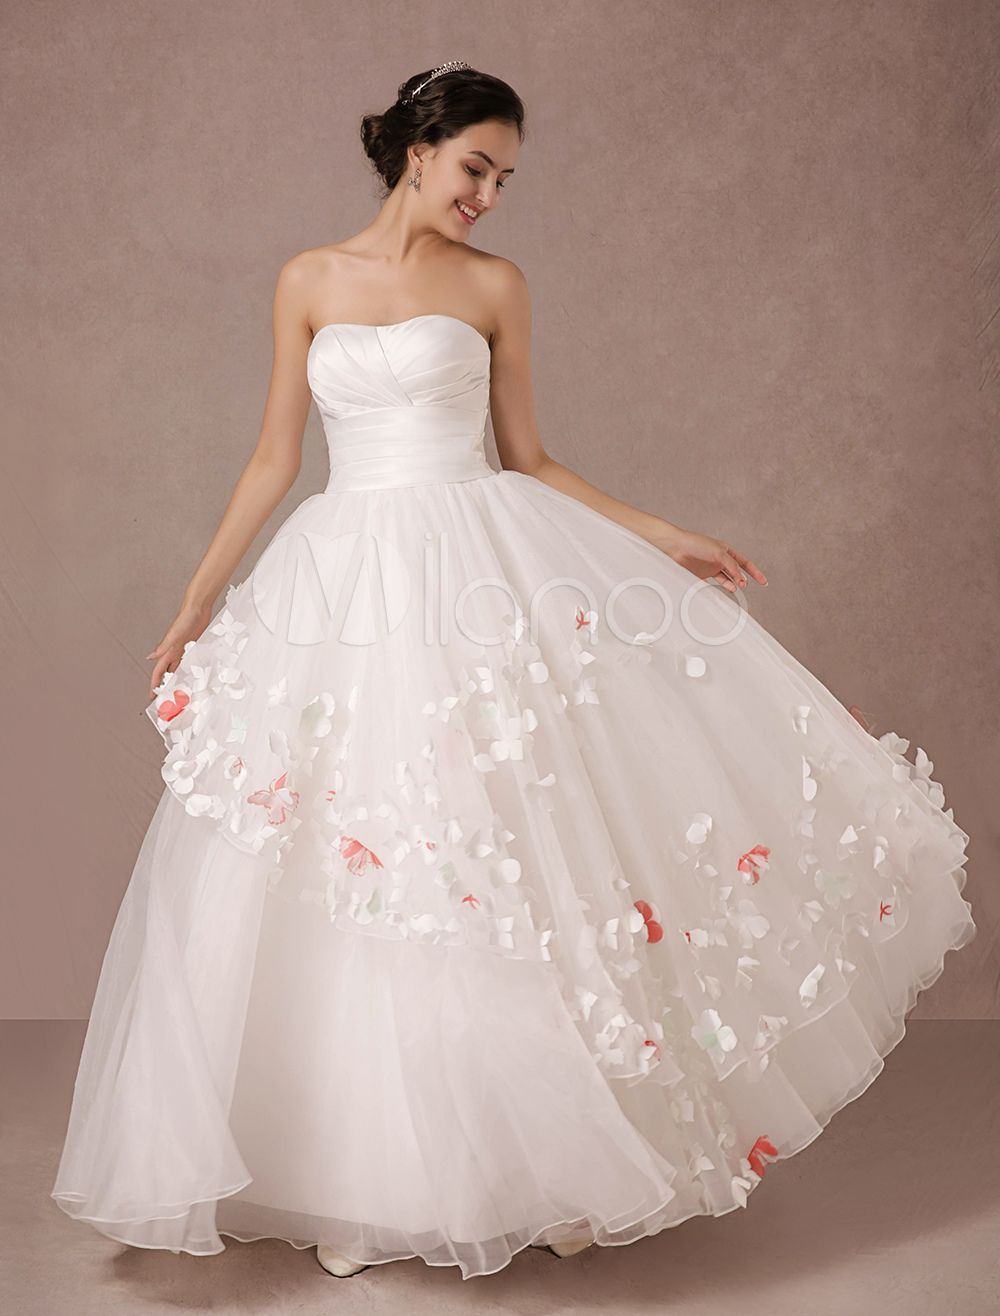 Trägerlosen Kleid Satin Organza Braut Brautkleid | Hochzeit